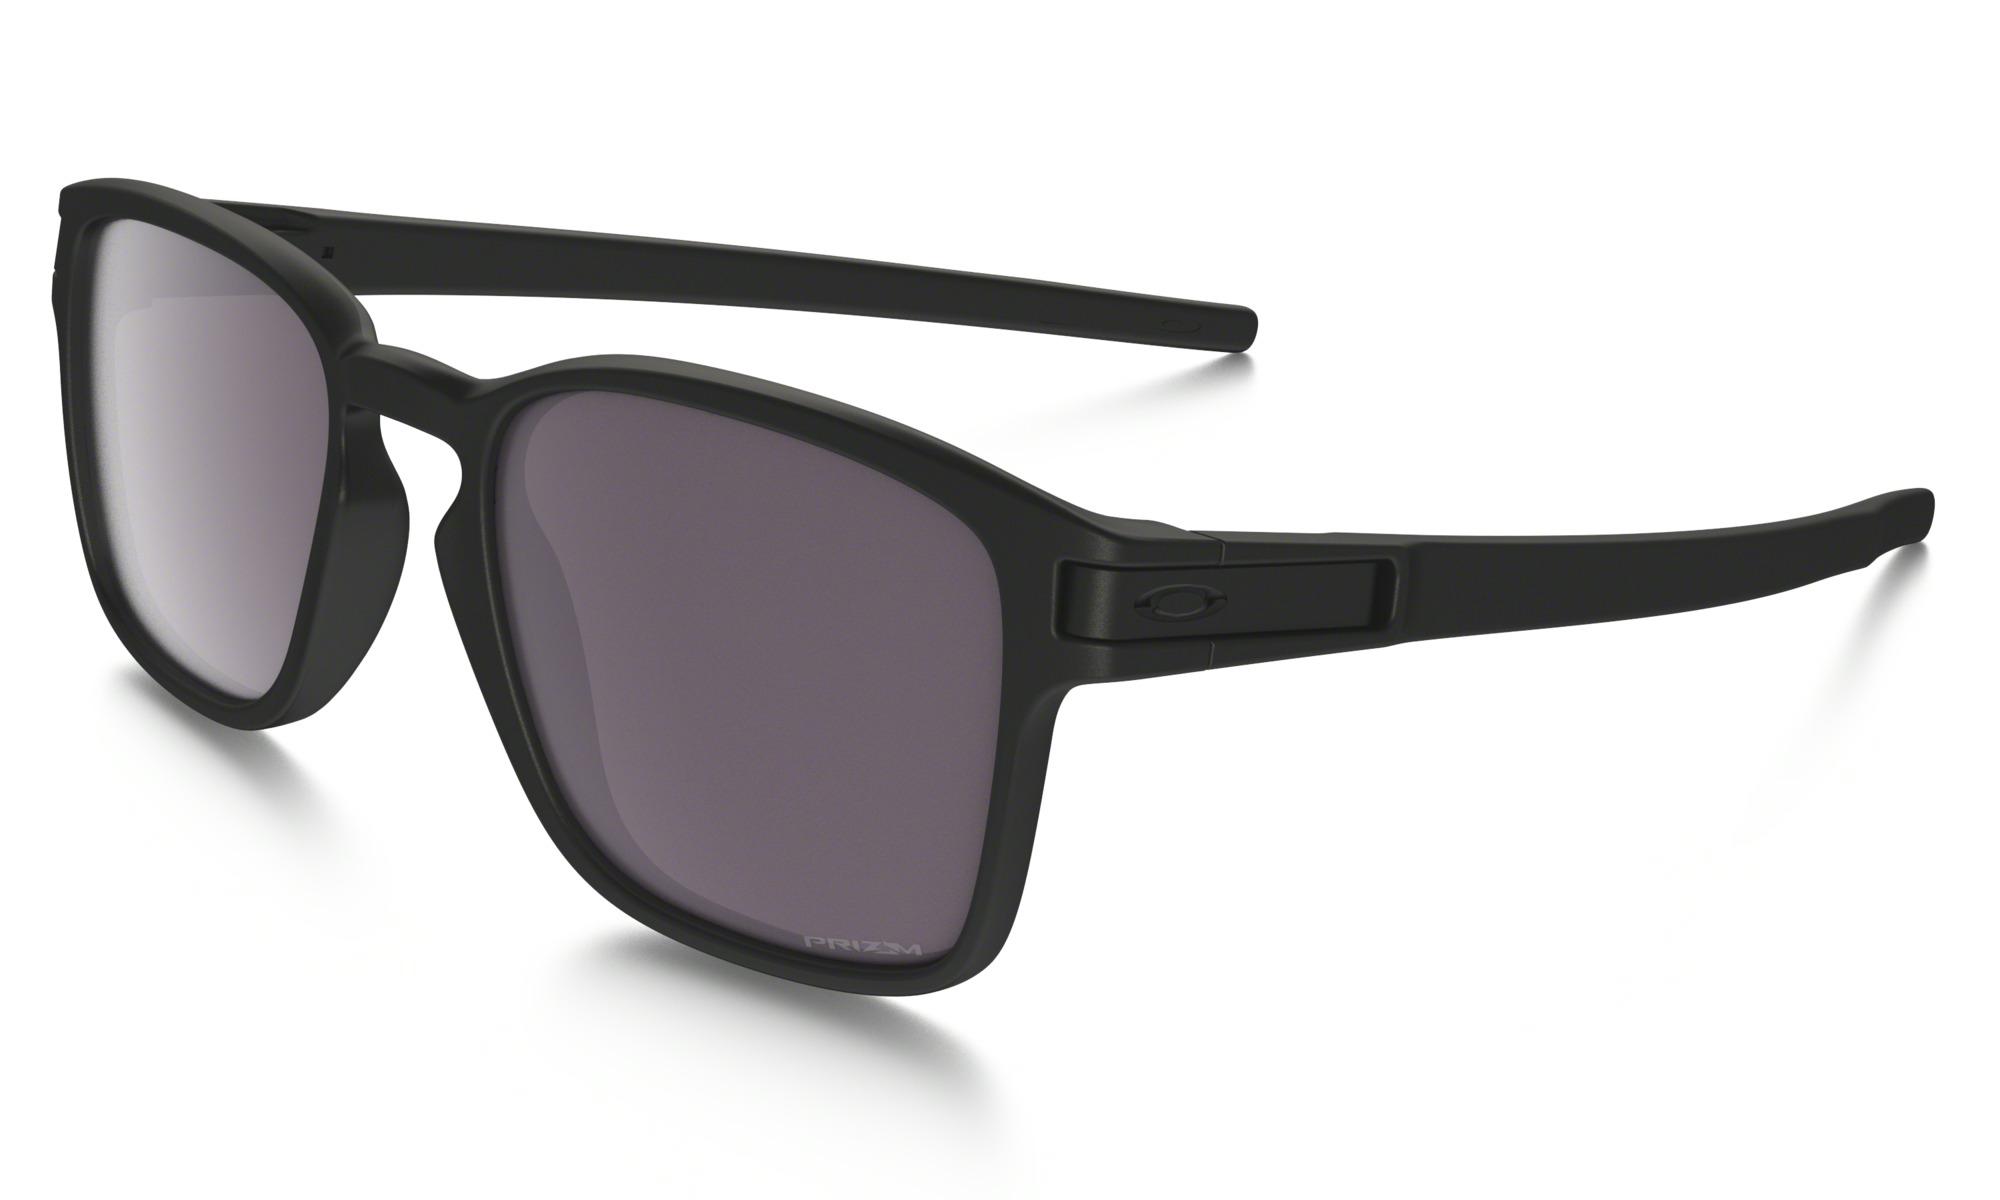 Oakley Latch SQ OO9353 01 Sonnenbrille in matte black 52/19 7MKonsVoW5